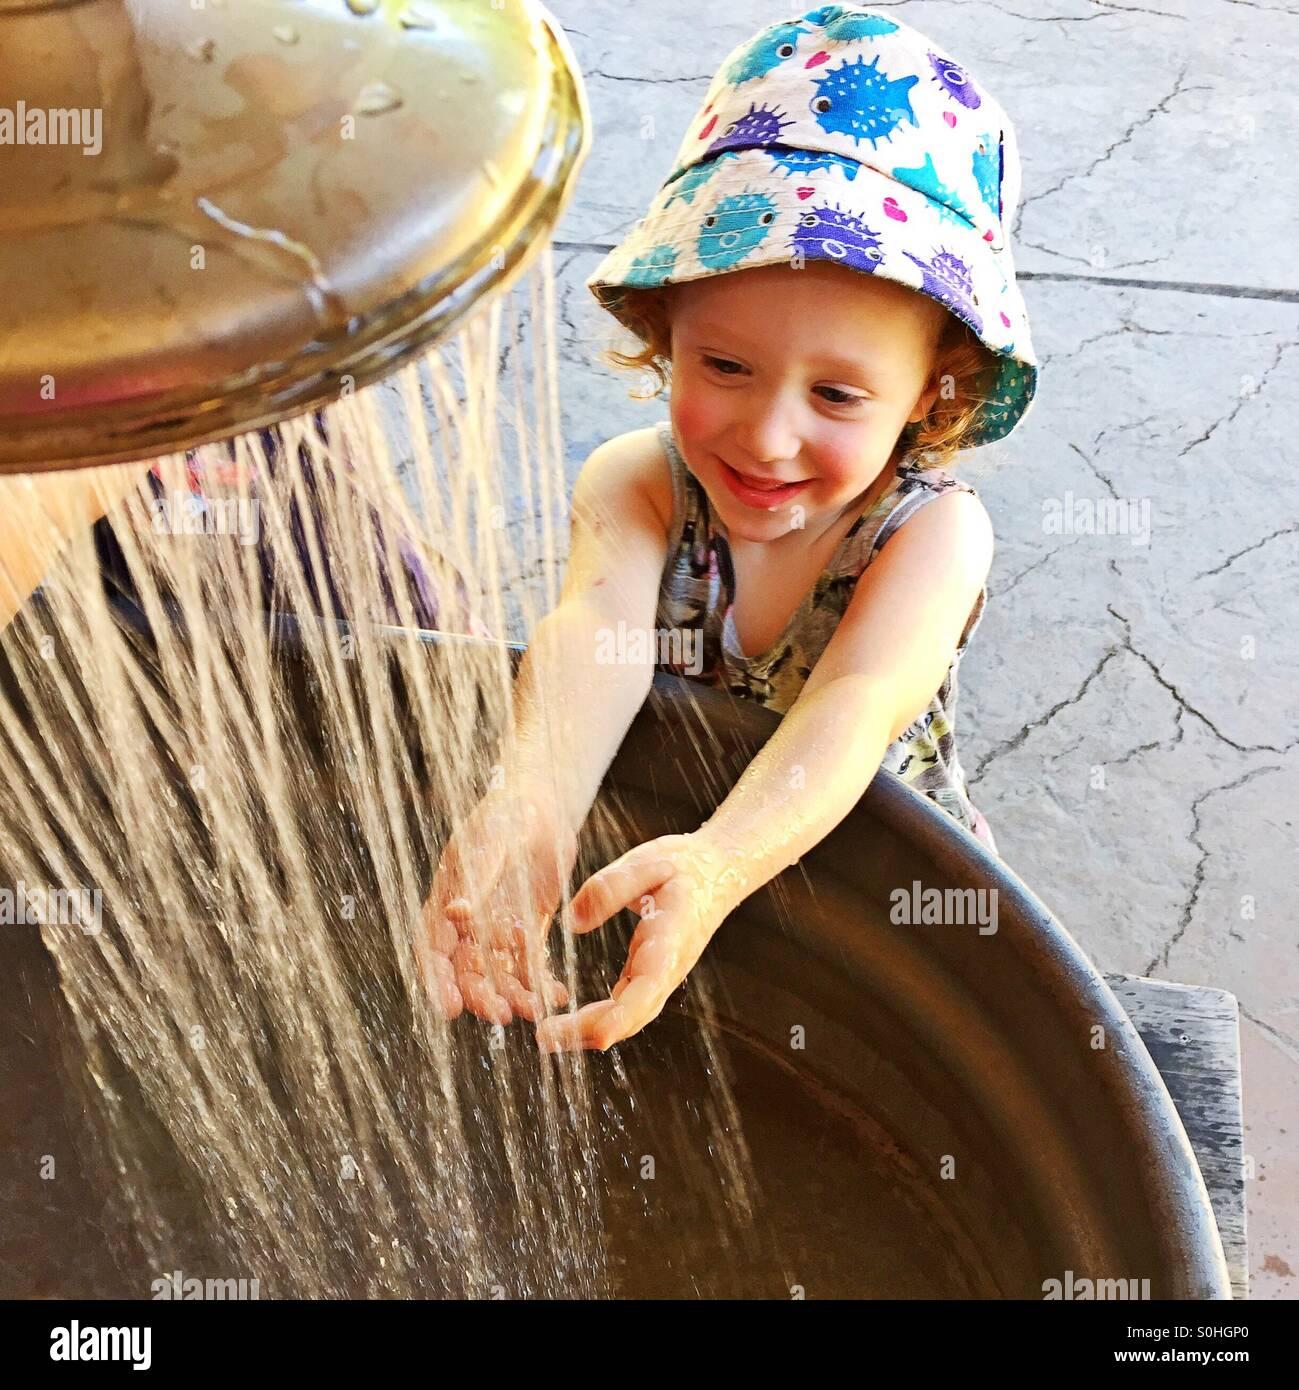 Bimbi felici il lavaggio mani Immagini Stock